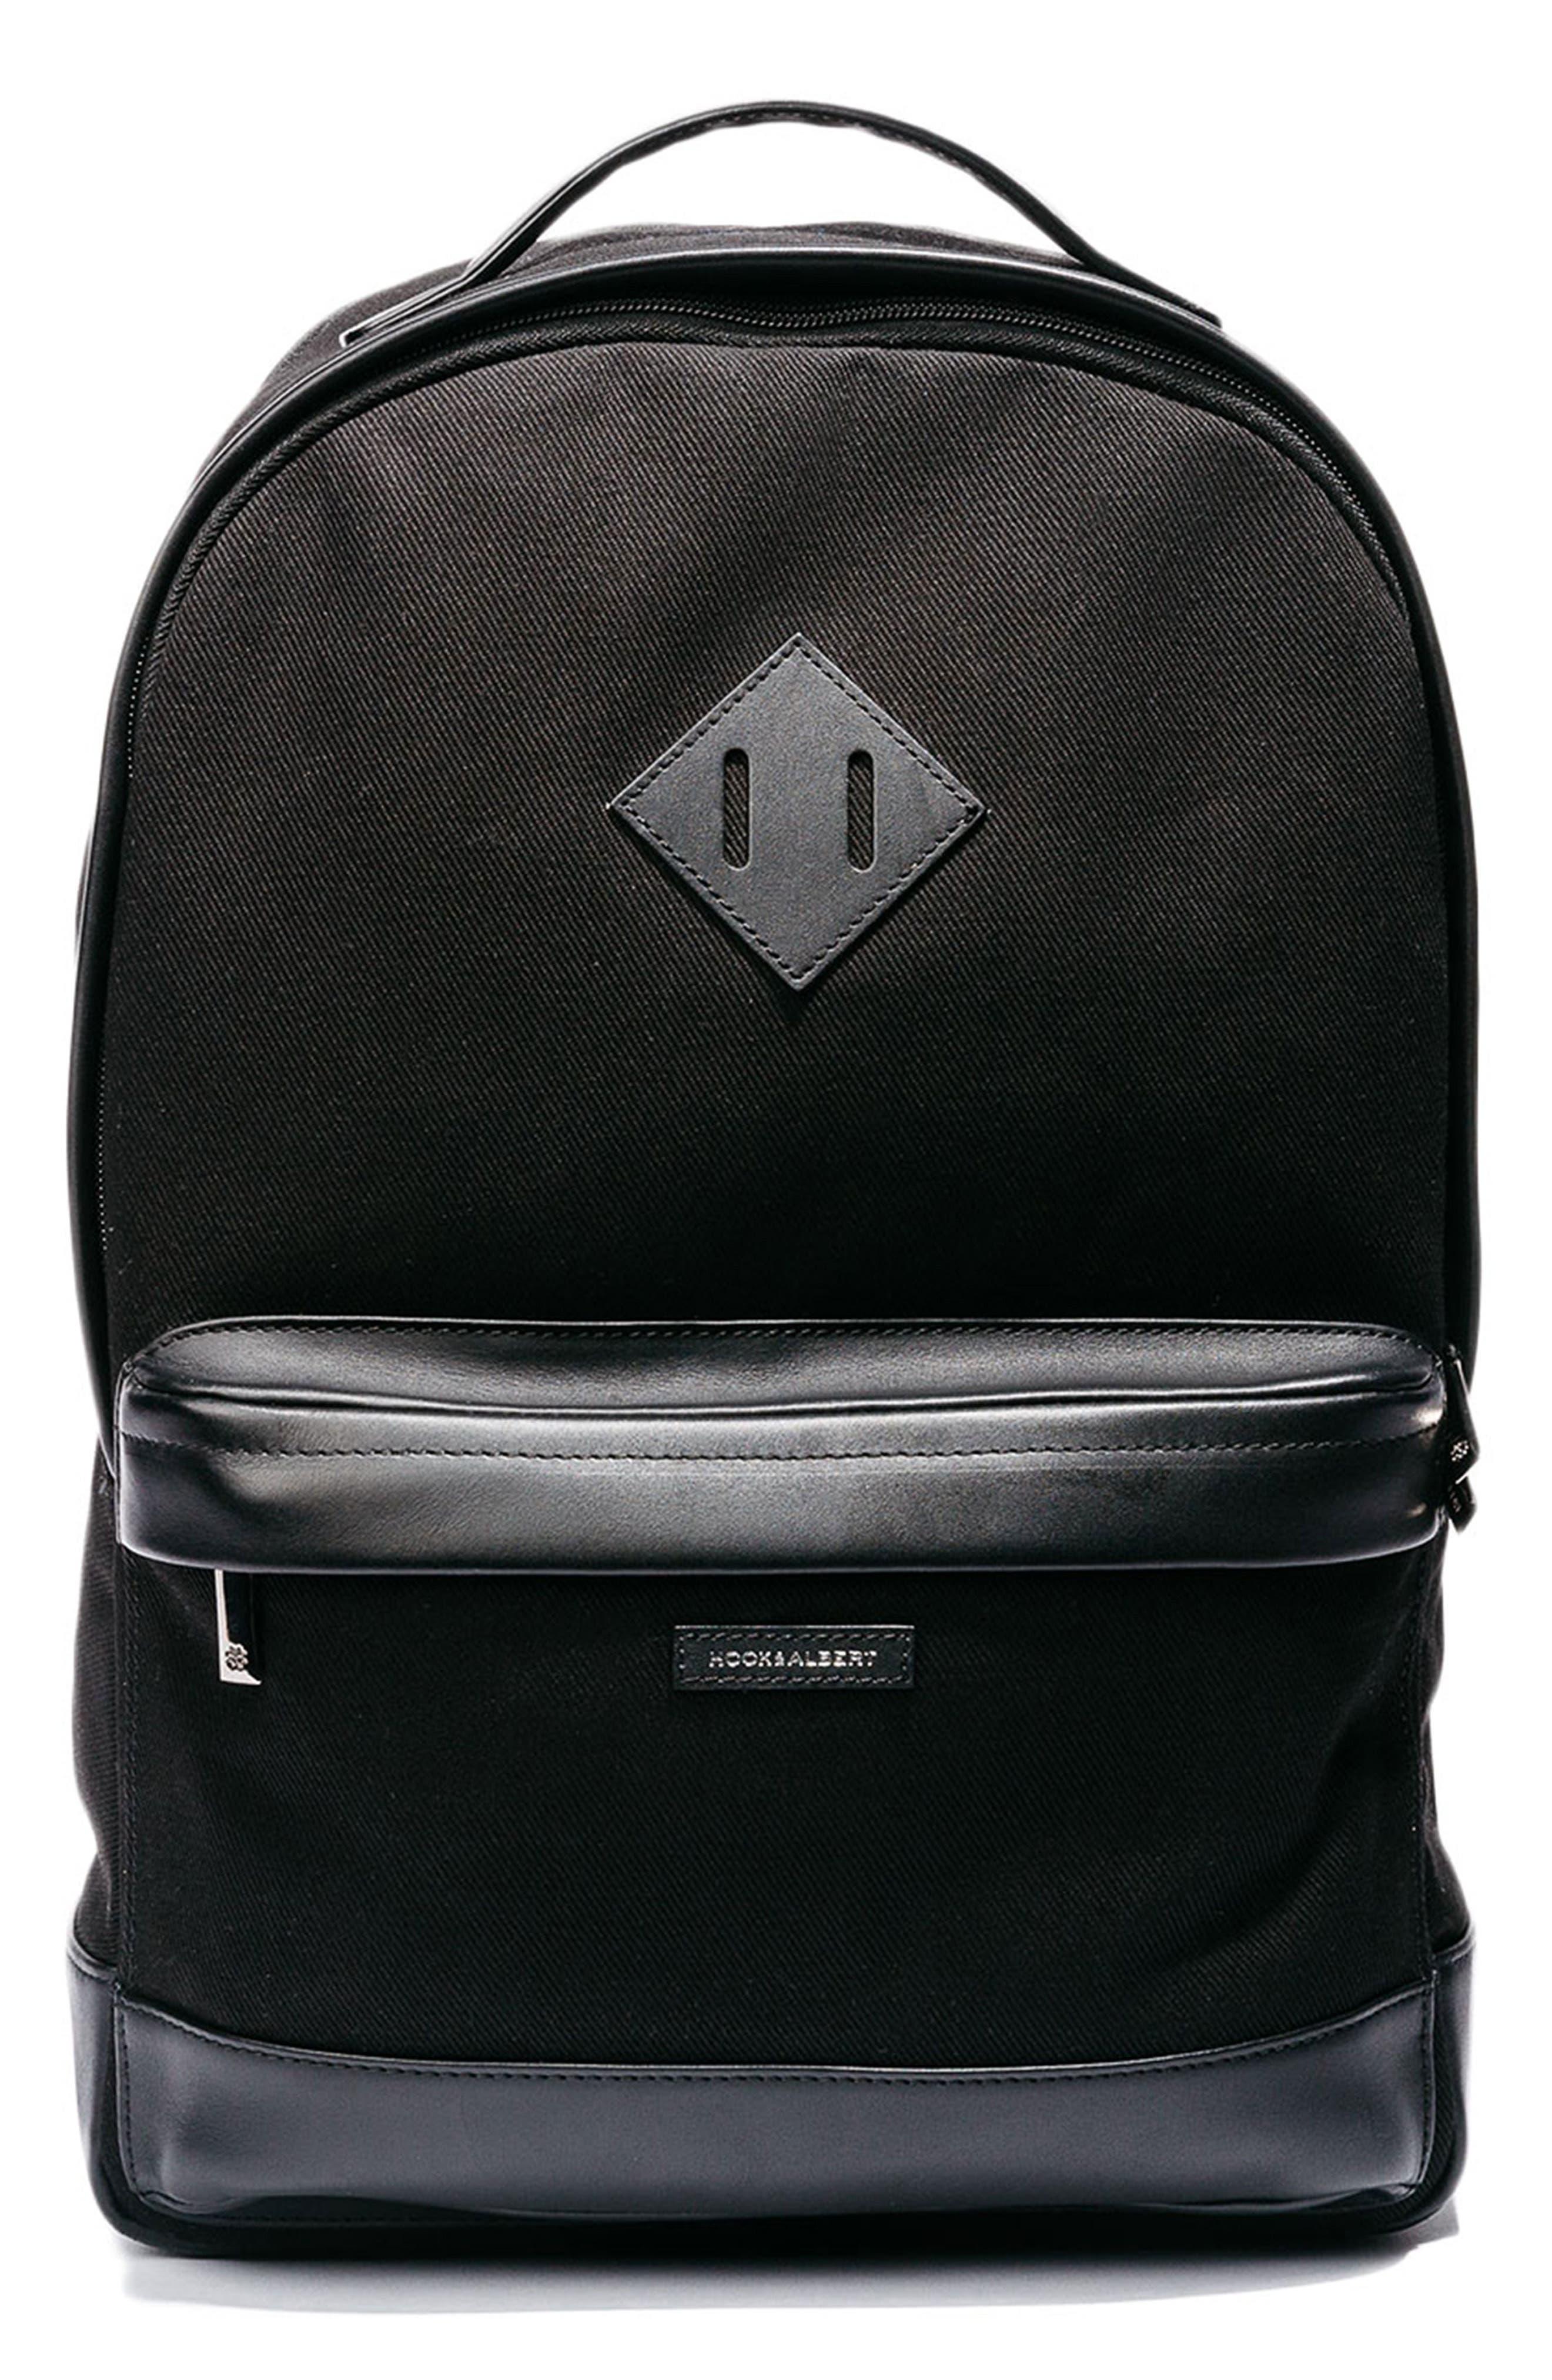 Alternate Image 1 Selected - hook + ALBERT Backpack